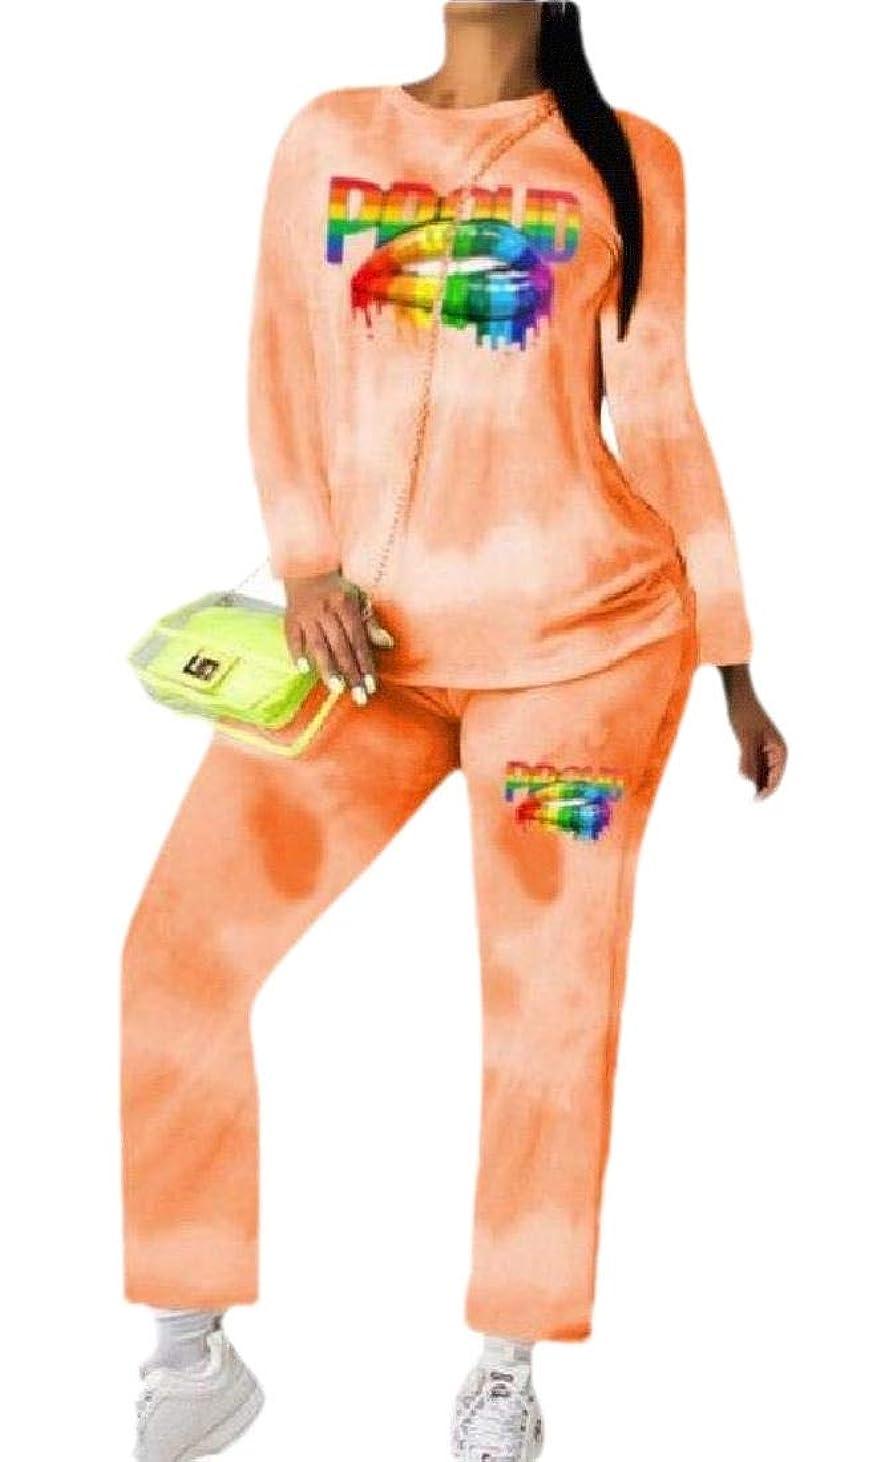 合意不十分な進捗レディース2ピース衣装ジョガーパンツセット+長袖タイ染料シャツ スポーツウェア